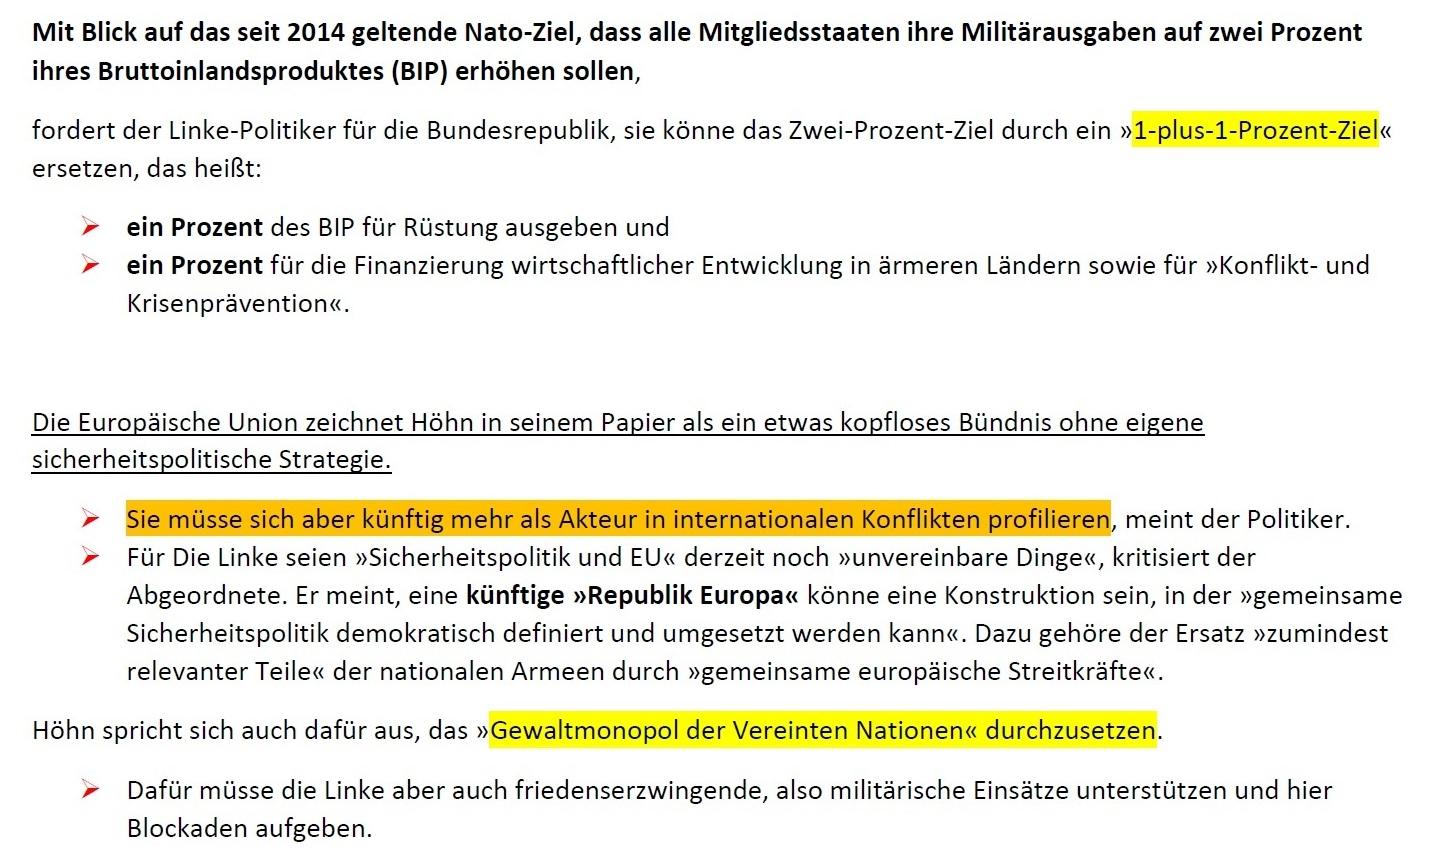 Aus dem Posteingang von Siegfried Dienel - Matthias Höhn fordert Revision friedenspolitischer Grundsätze seiner Partei und sieht bei ihr mangelnden Realitätssinn - Abschnitt 2